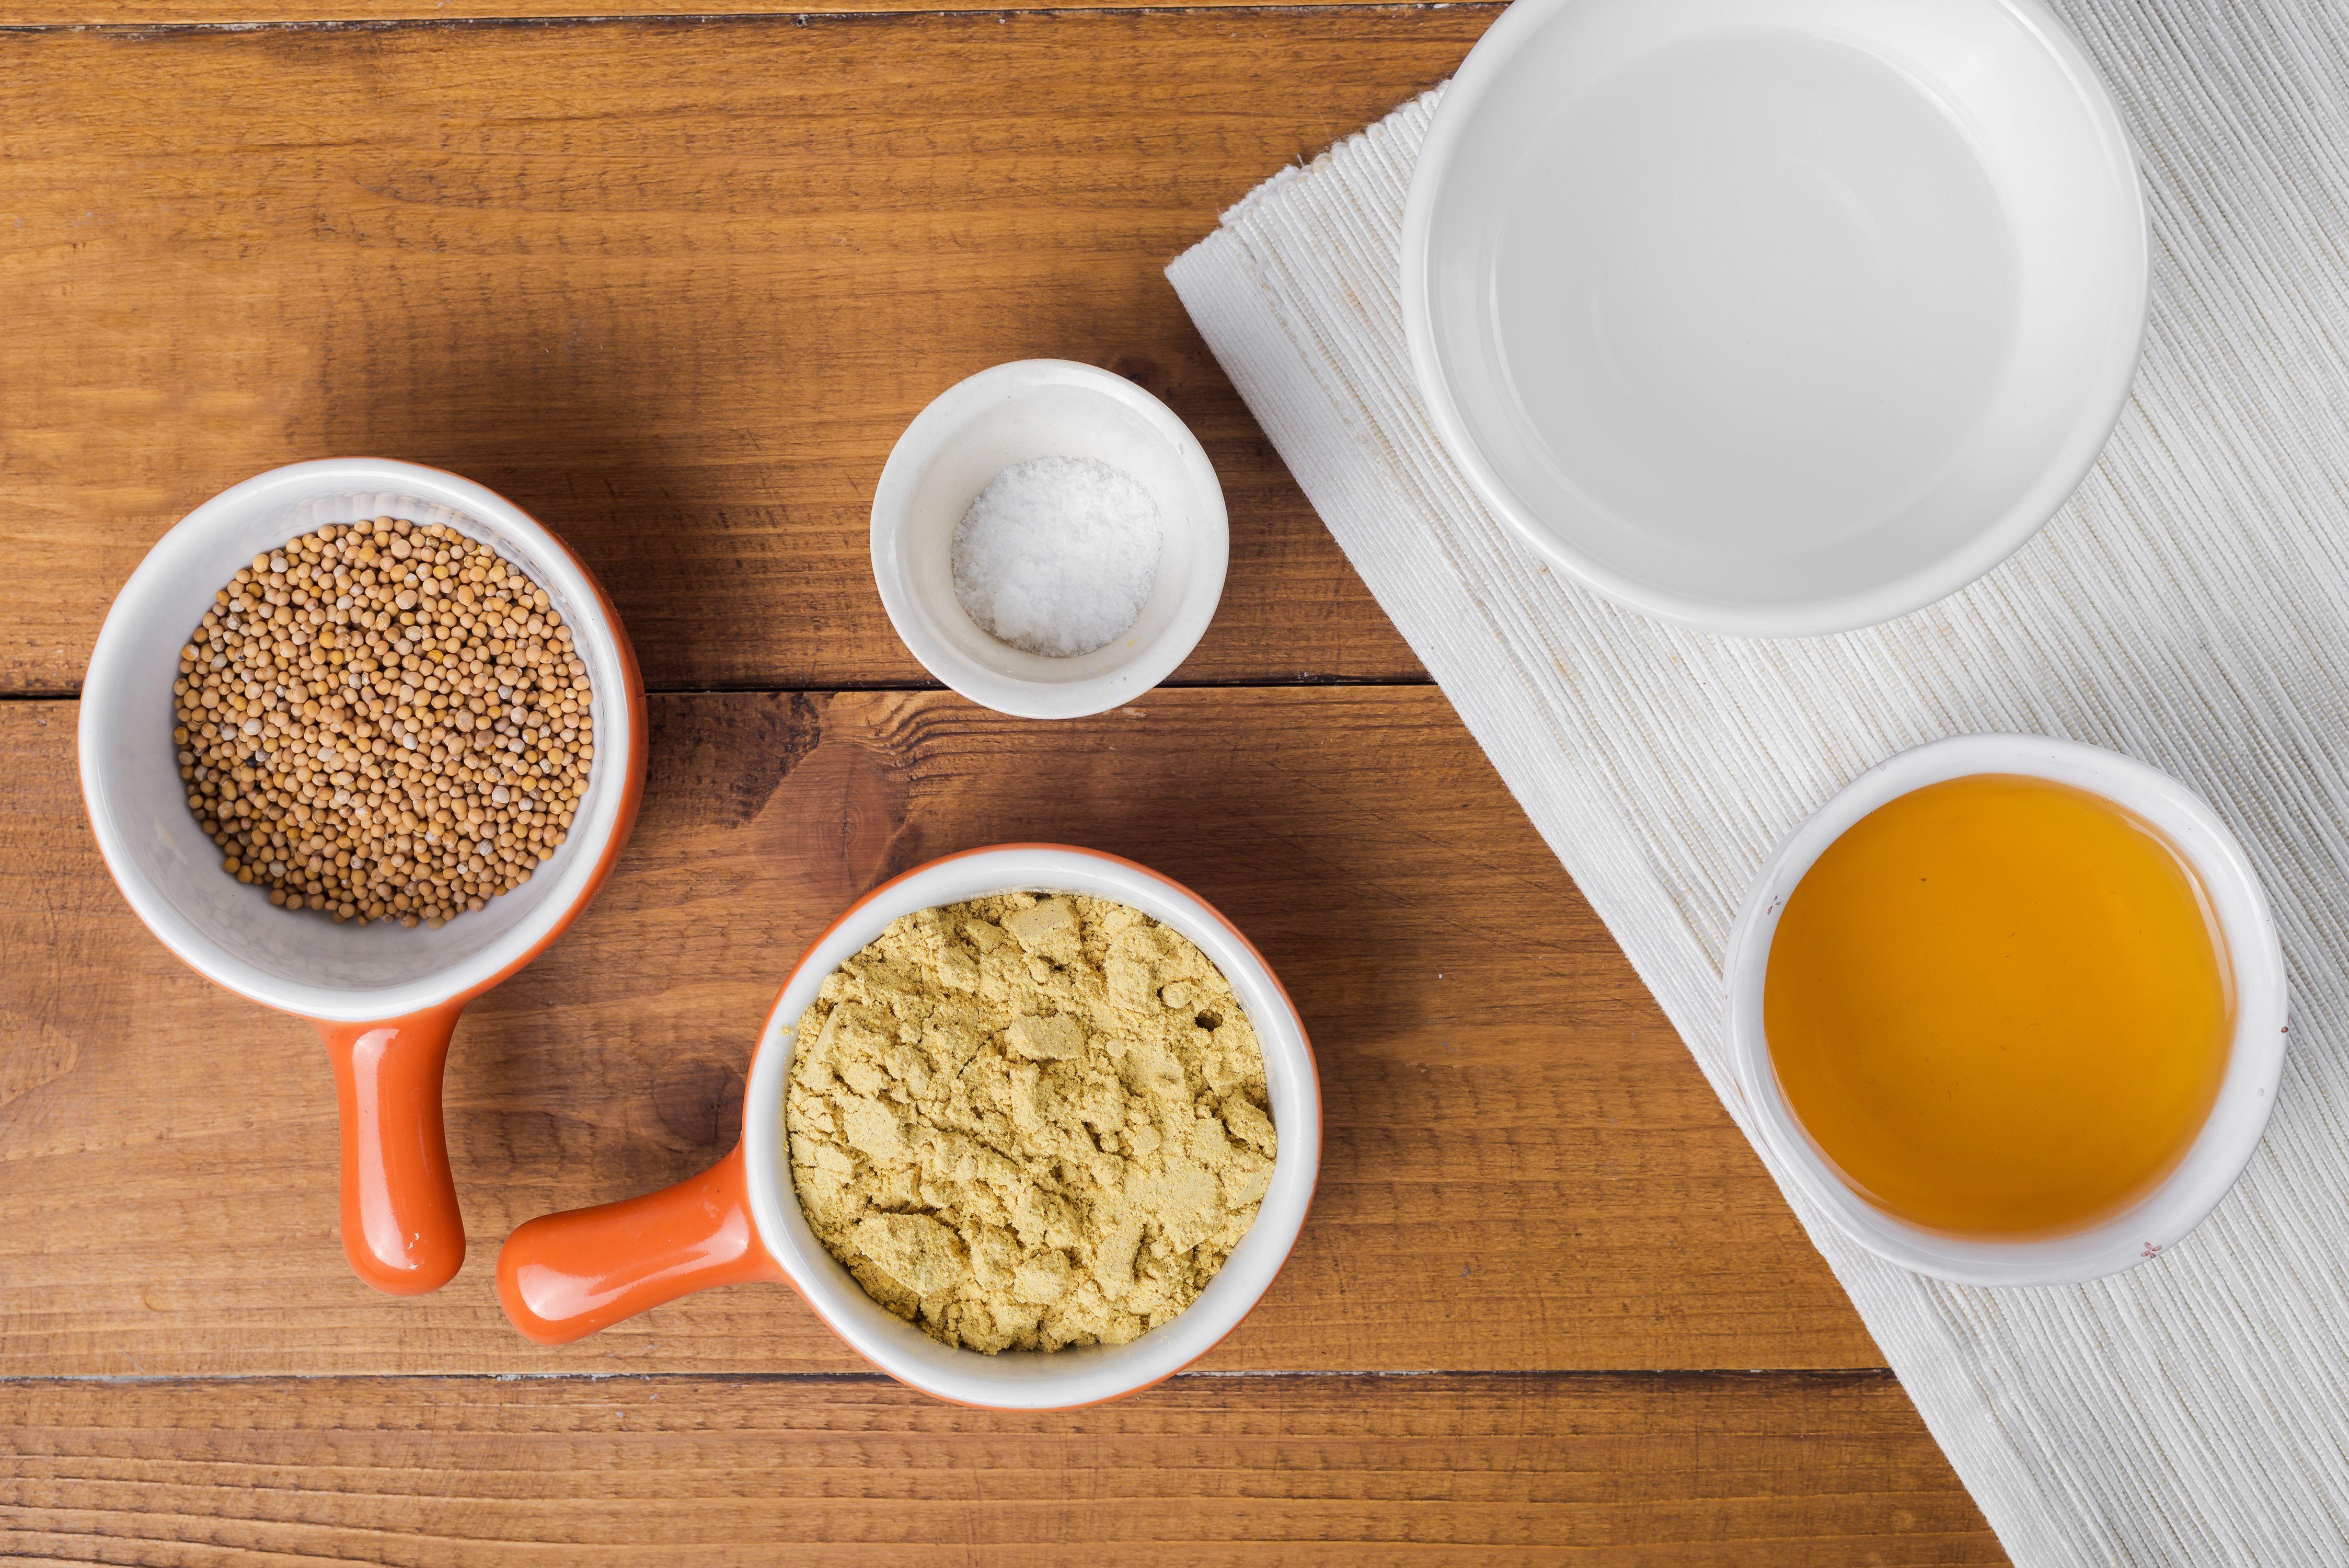 Ings For Simple Mustard